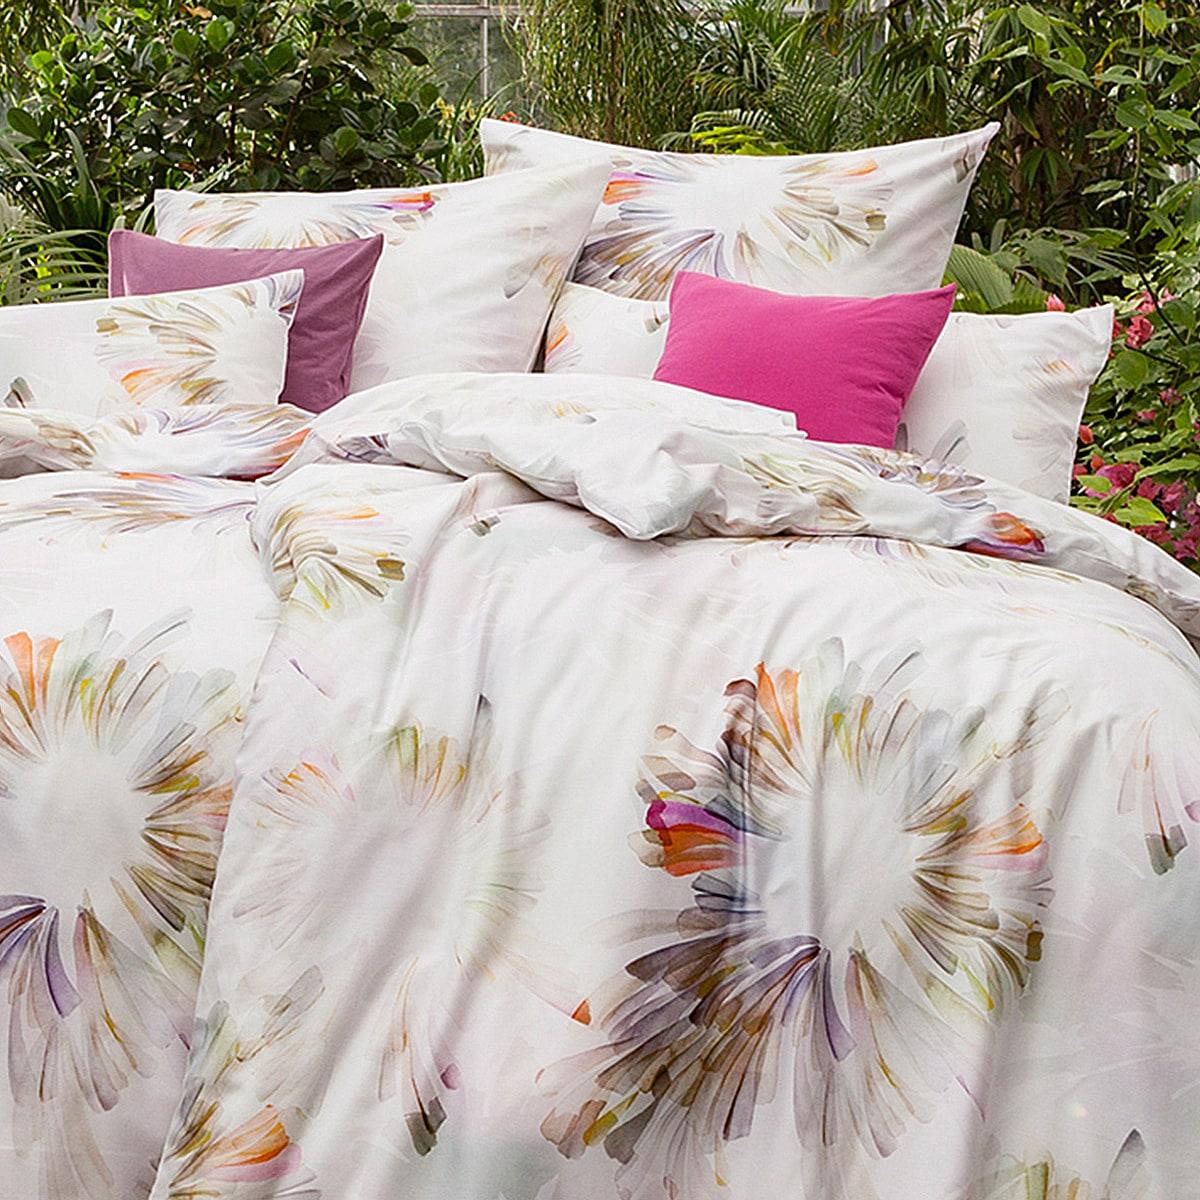 estella mako satin bettw sche fireworks multicolor g nstig online kaufen bei bettwaren shop. Black Bedroom Furniture Sets. Home Design Ideas